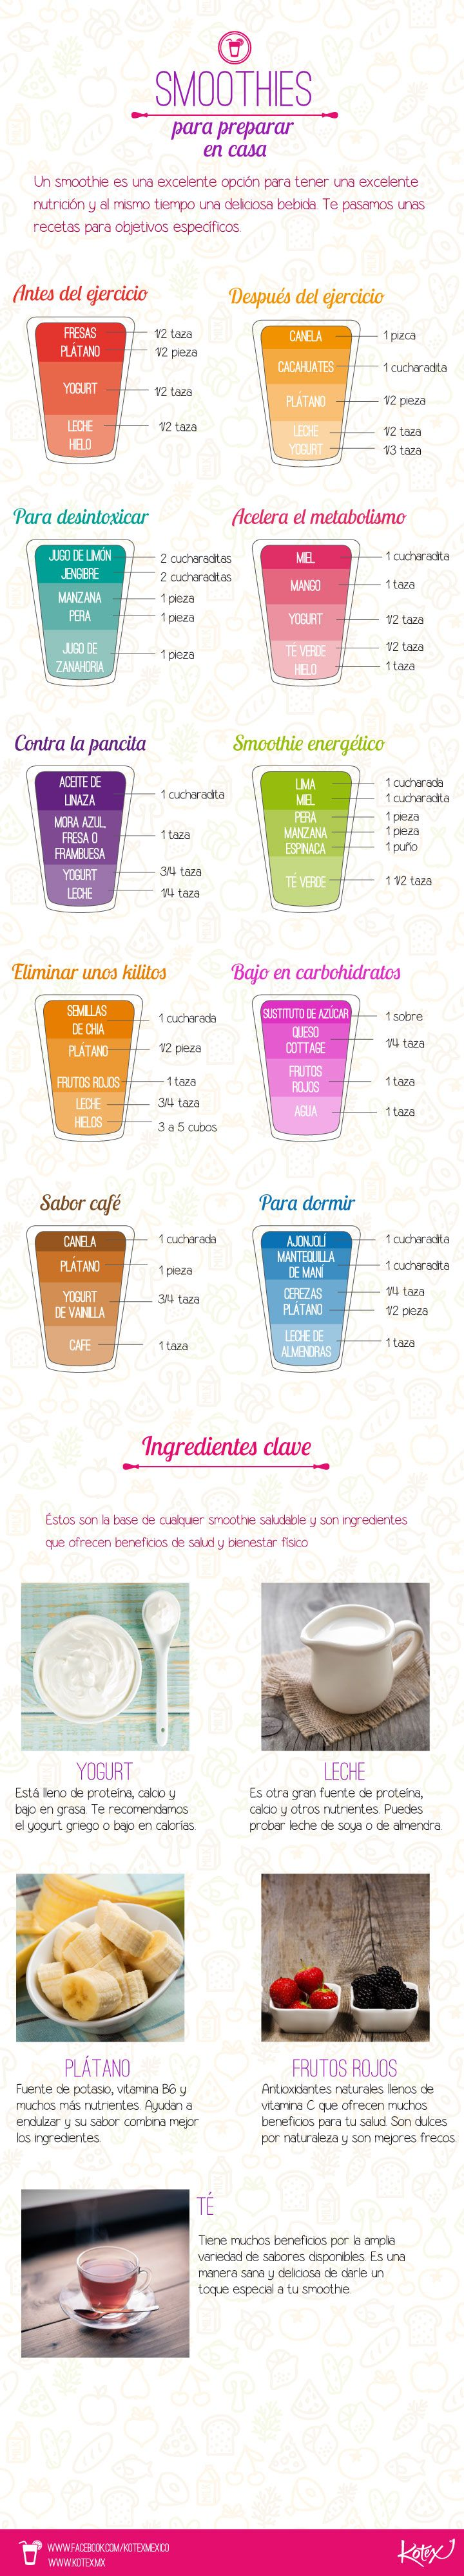 #Infografia: Preparar #smoothie caseros: Es una excelente opción para tener una bebida sana y deliciosa #nutricion